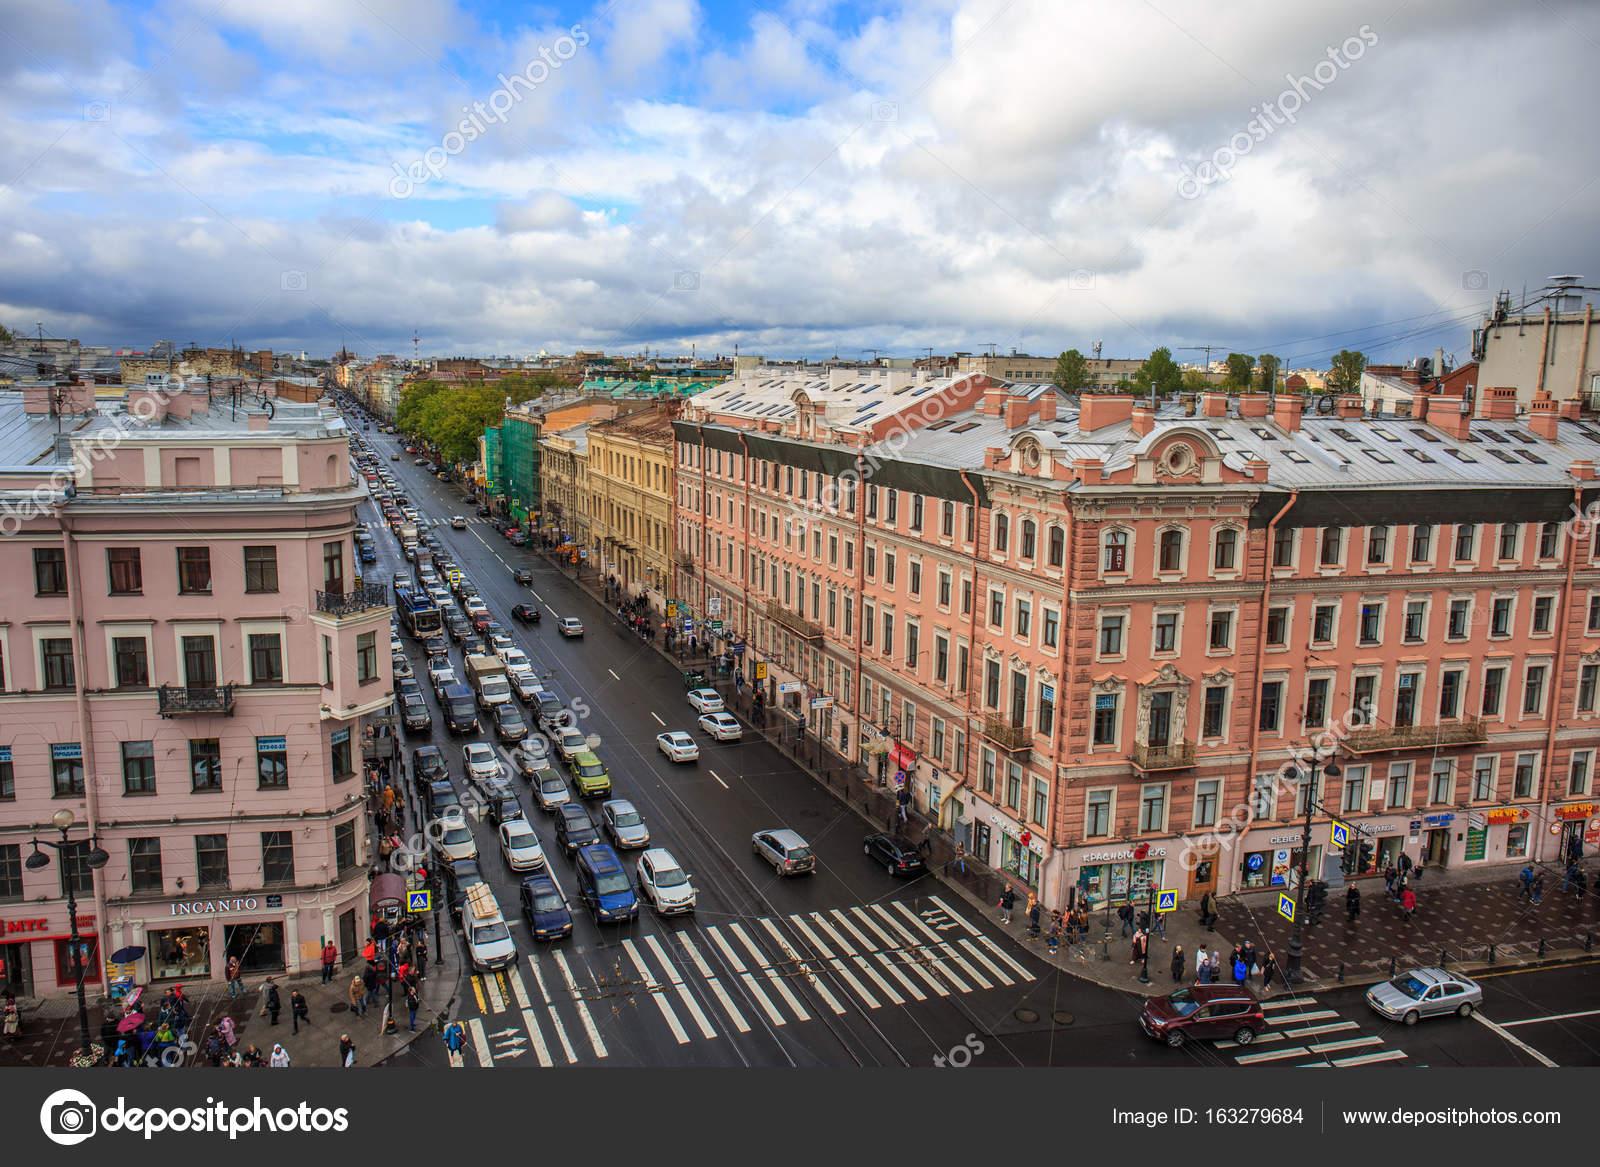 ロシア サンクト ・ ペテルブルグ センター建物の屋根からネフスキー大通りのサンクトペテルブルク, ロシア